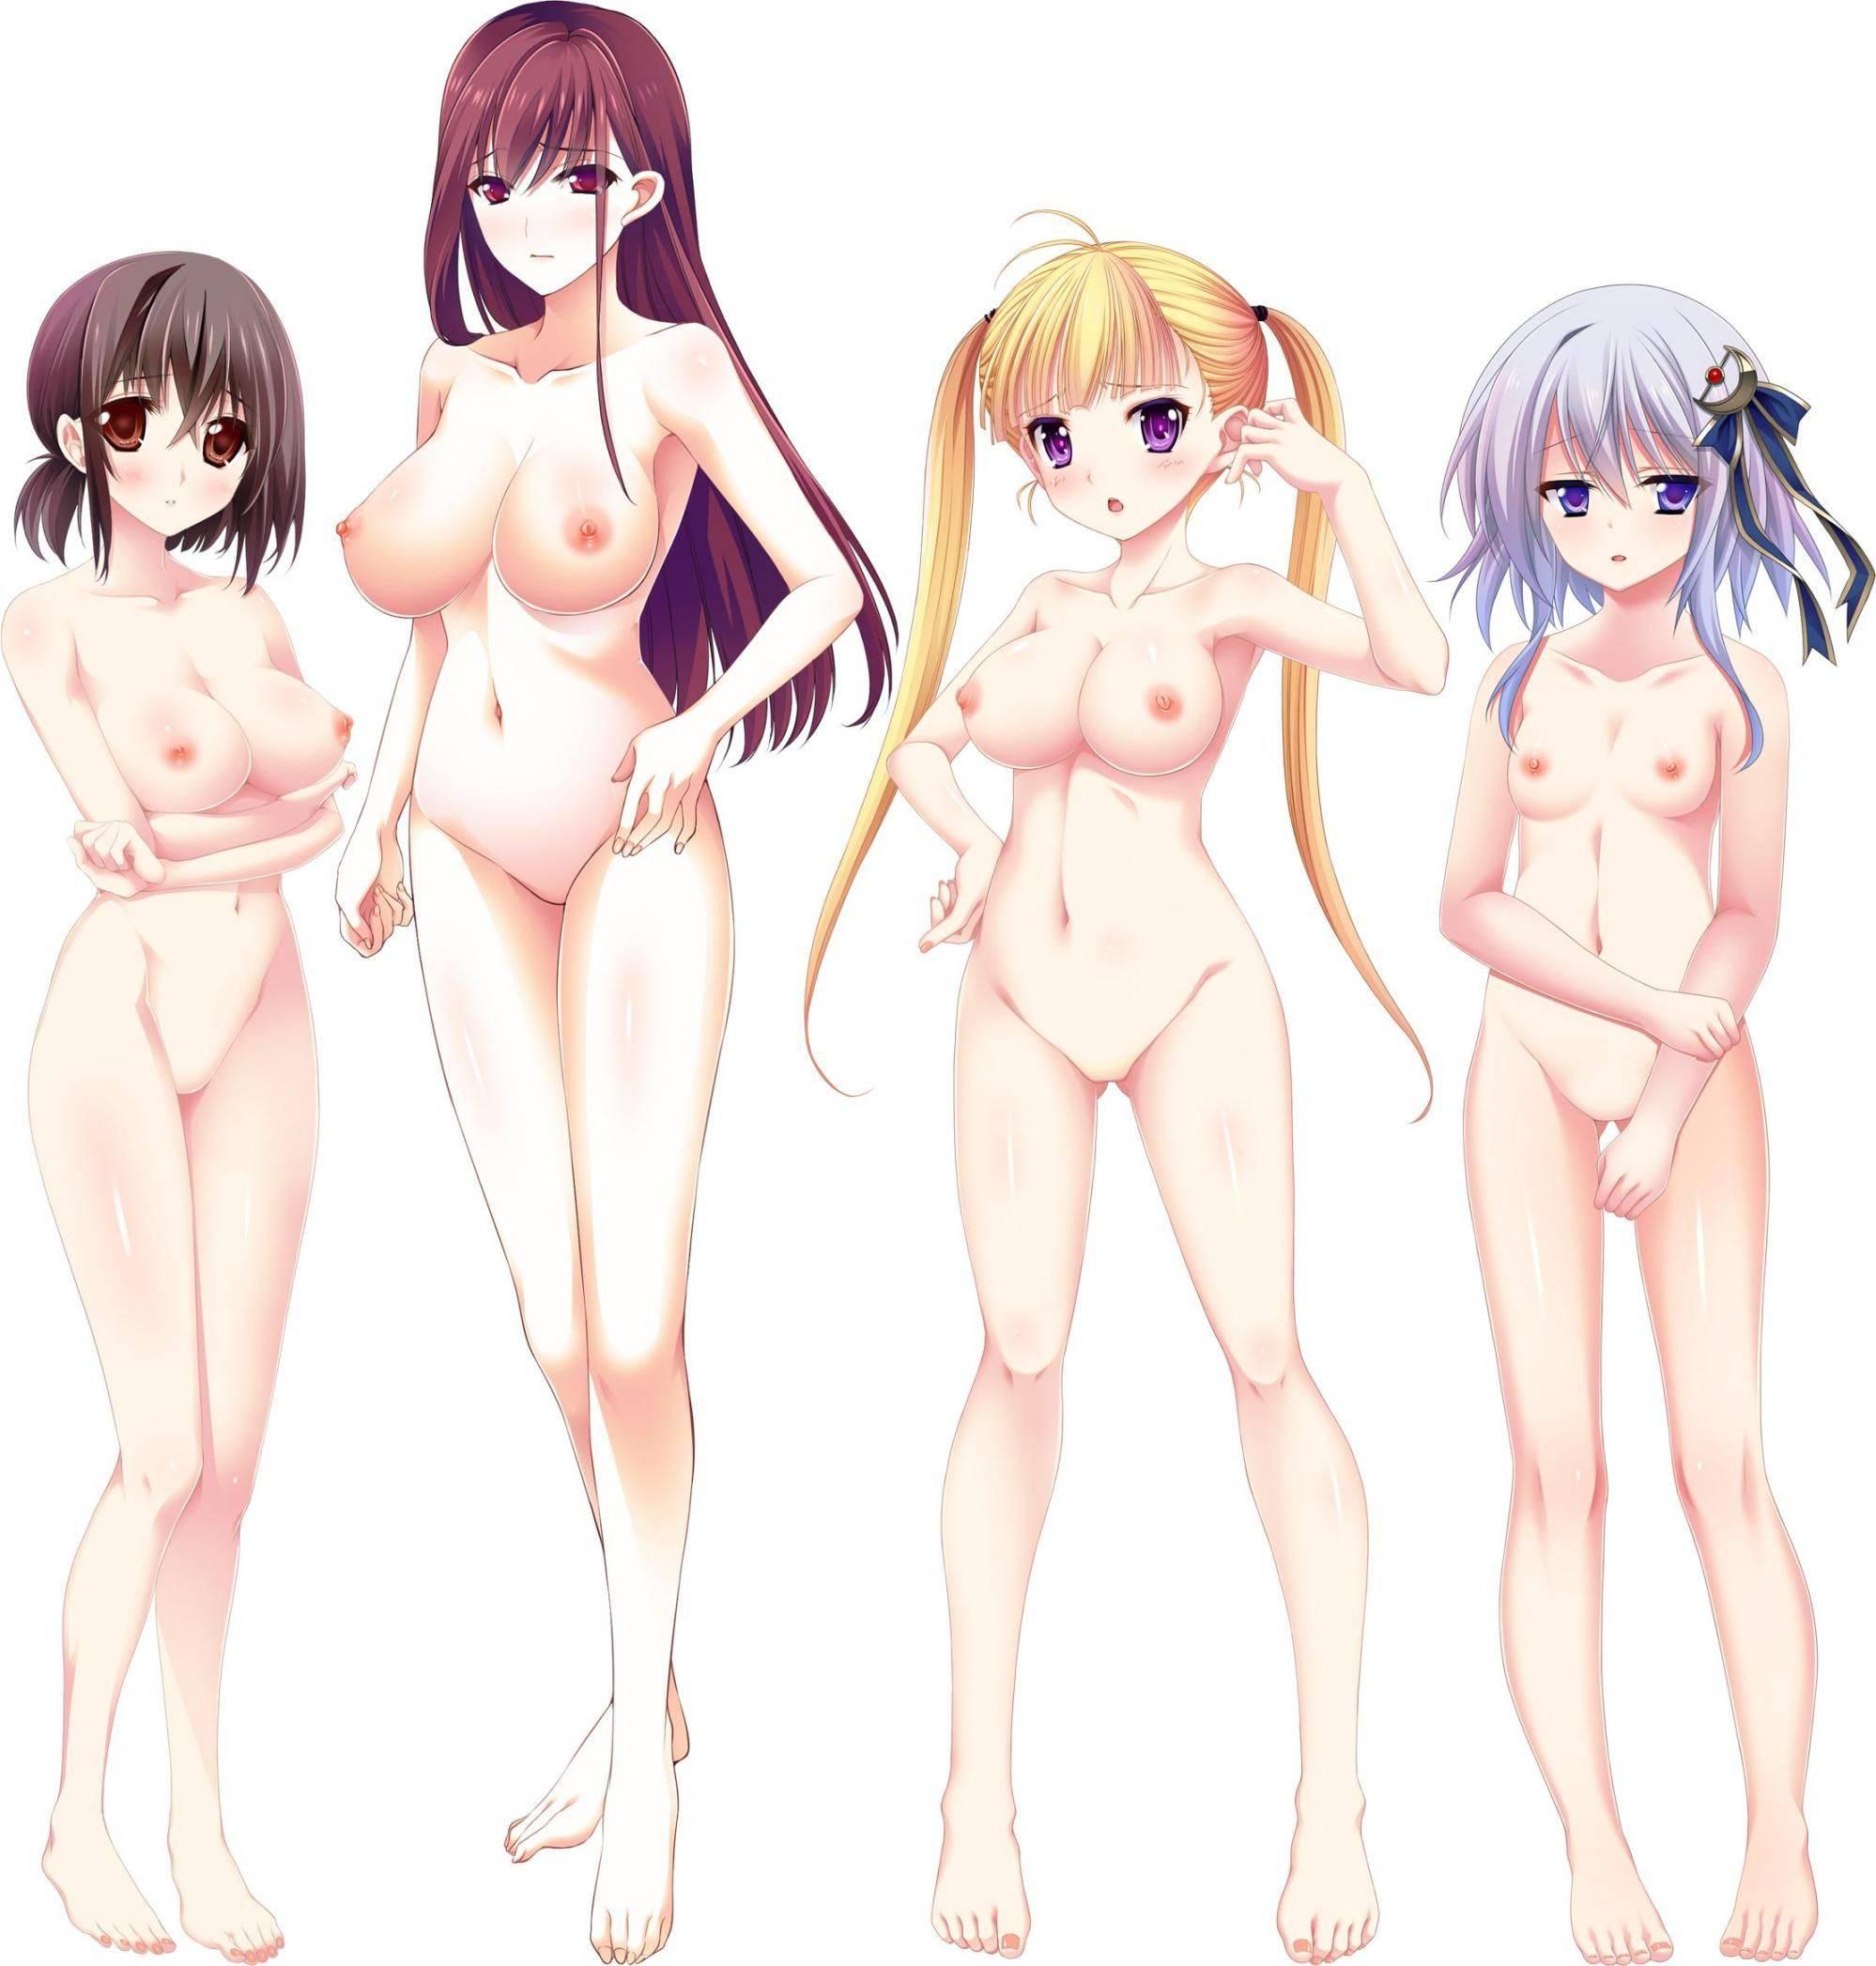 【どれにしようかな?】女の子達が全裸で立ってる二次エロ画像【14】